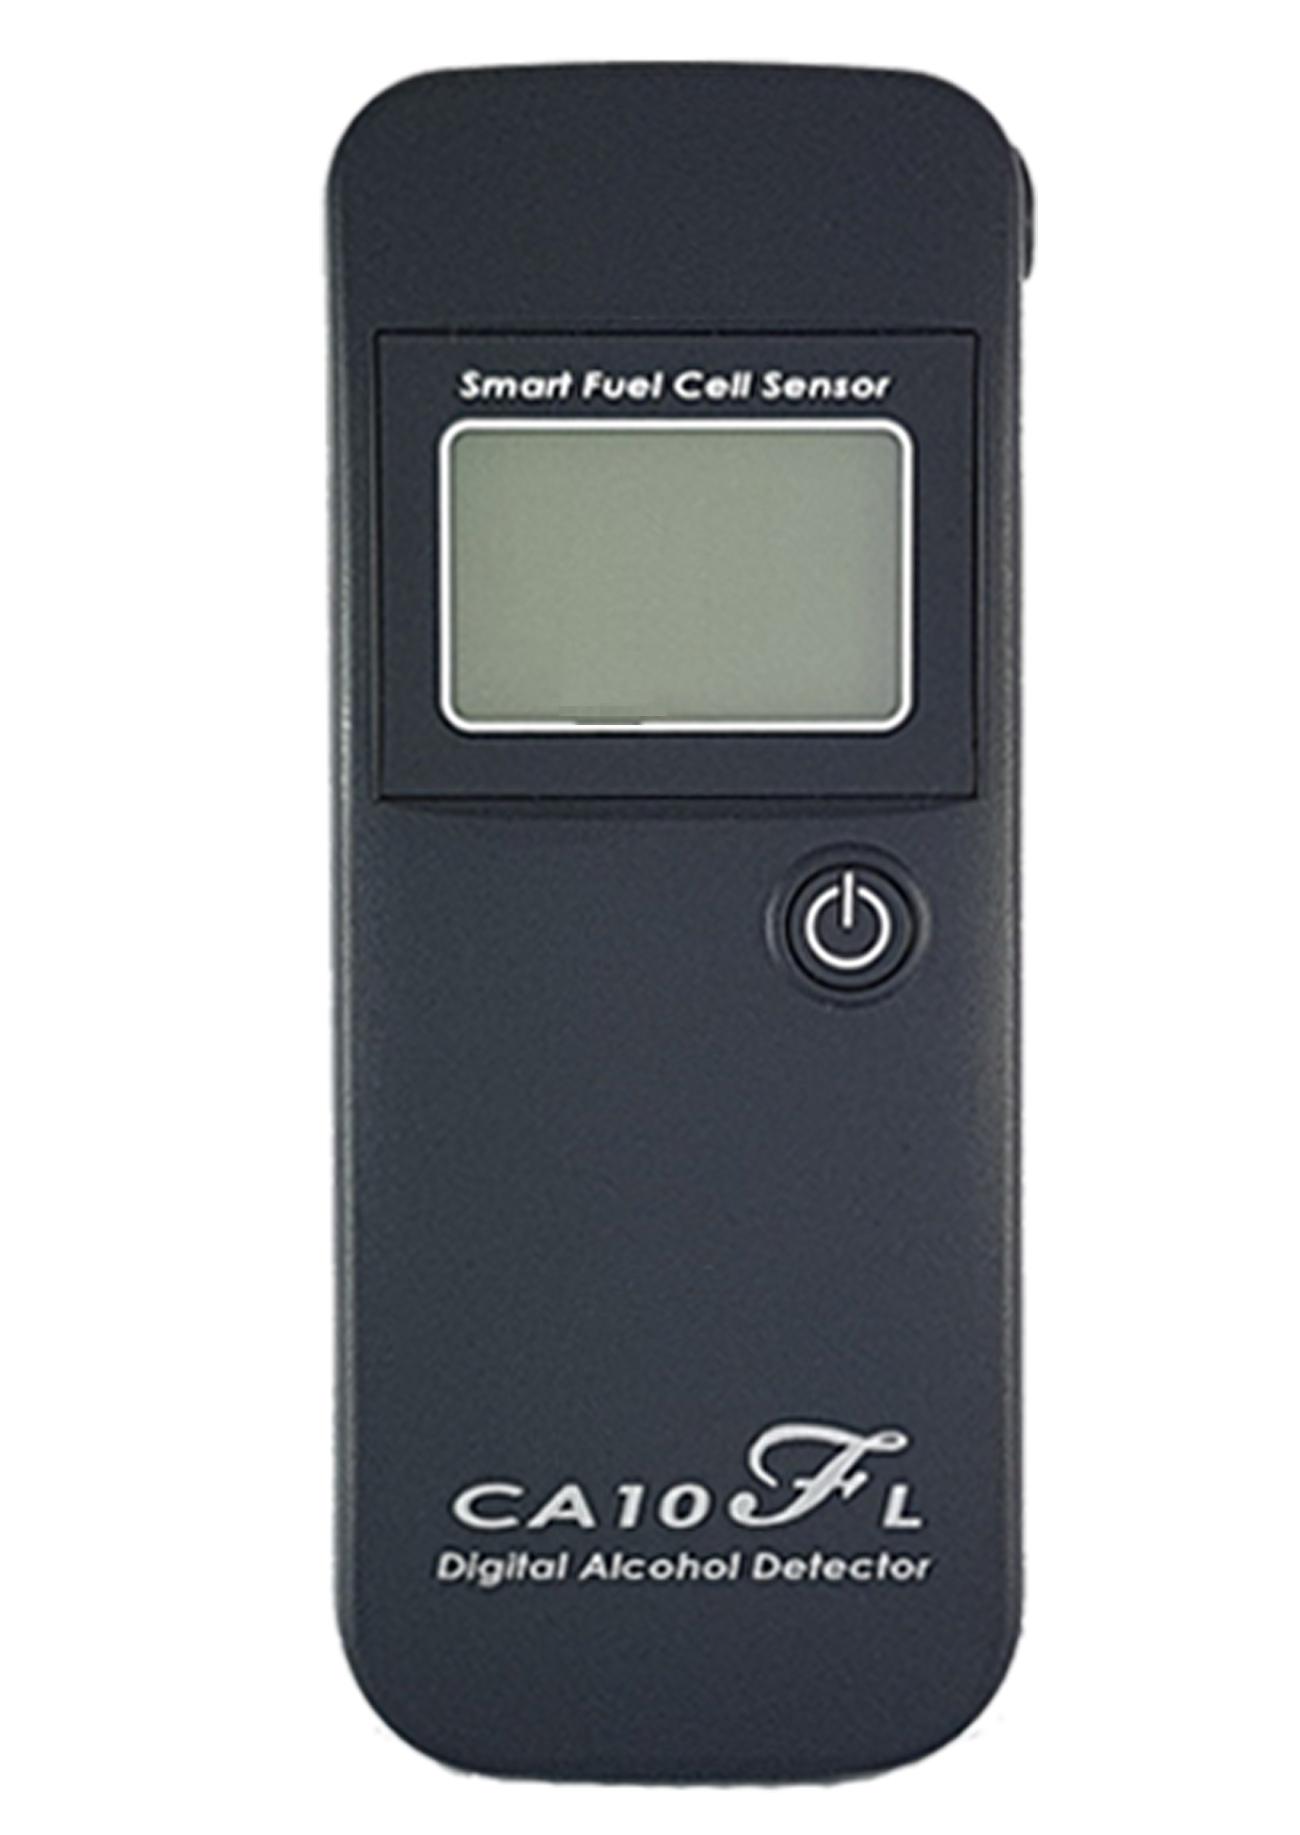 CAOS CA10 FL + prvotní kalibrace ZDARMA